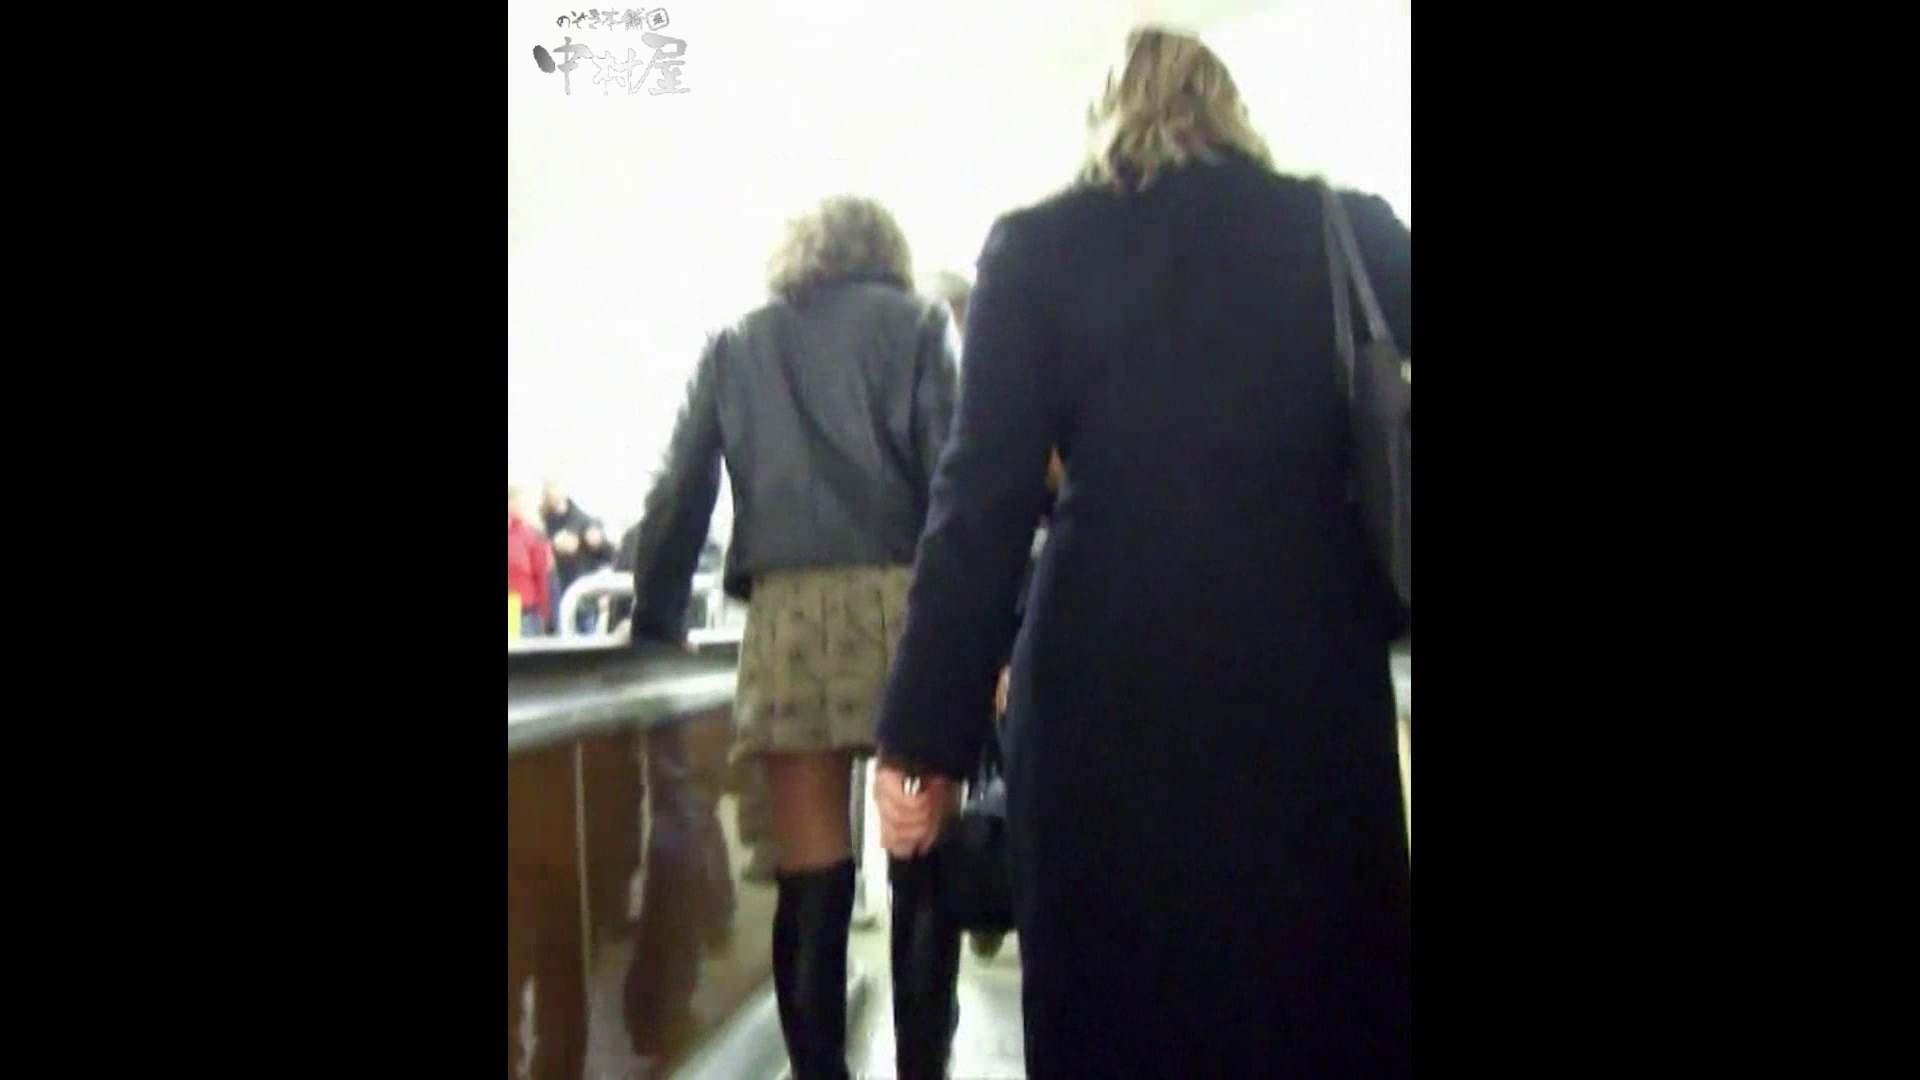 綺麗なモデルさんのスカート捲っちゃおう‼ vol15 モデルのエロ生活 濡れ場動画紹介 79連発 68